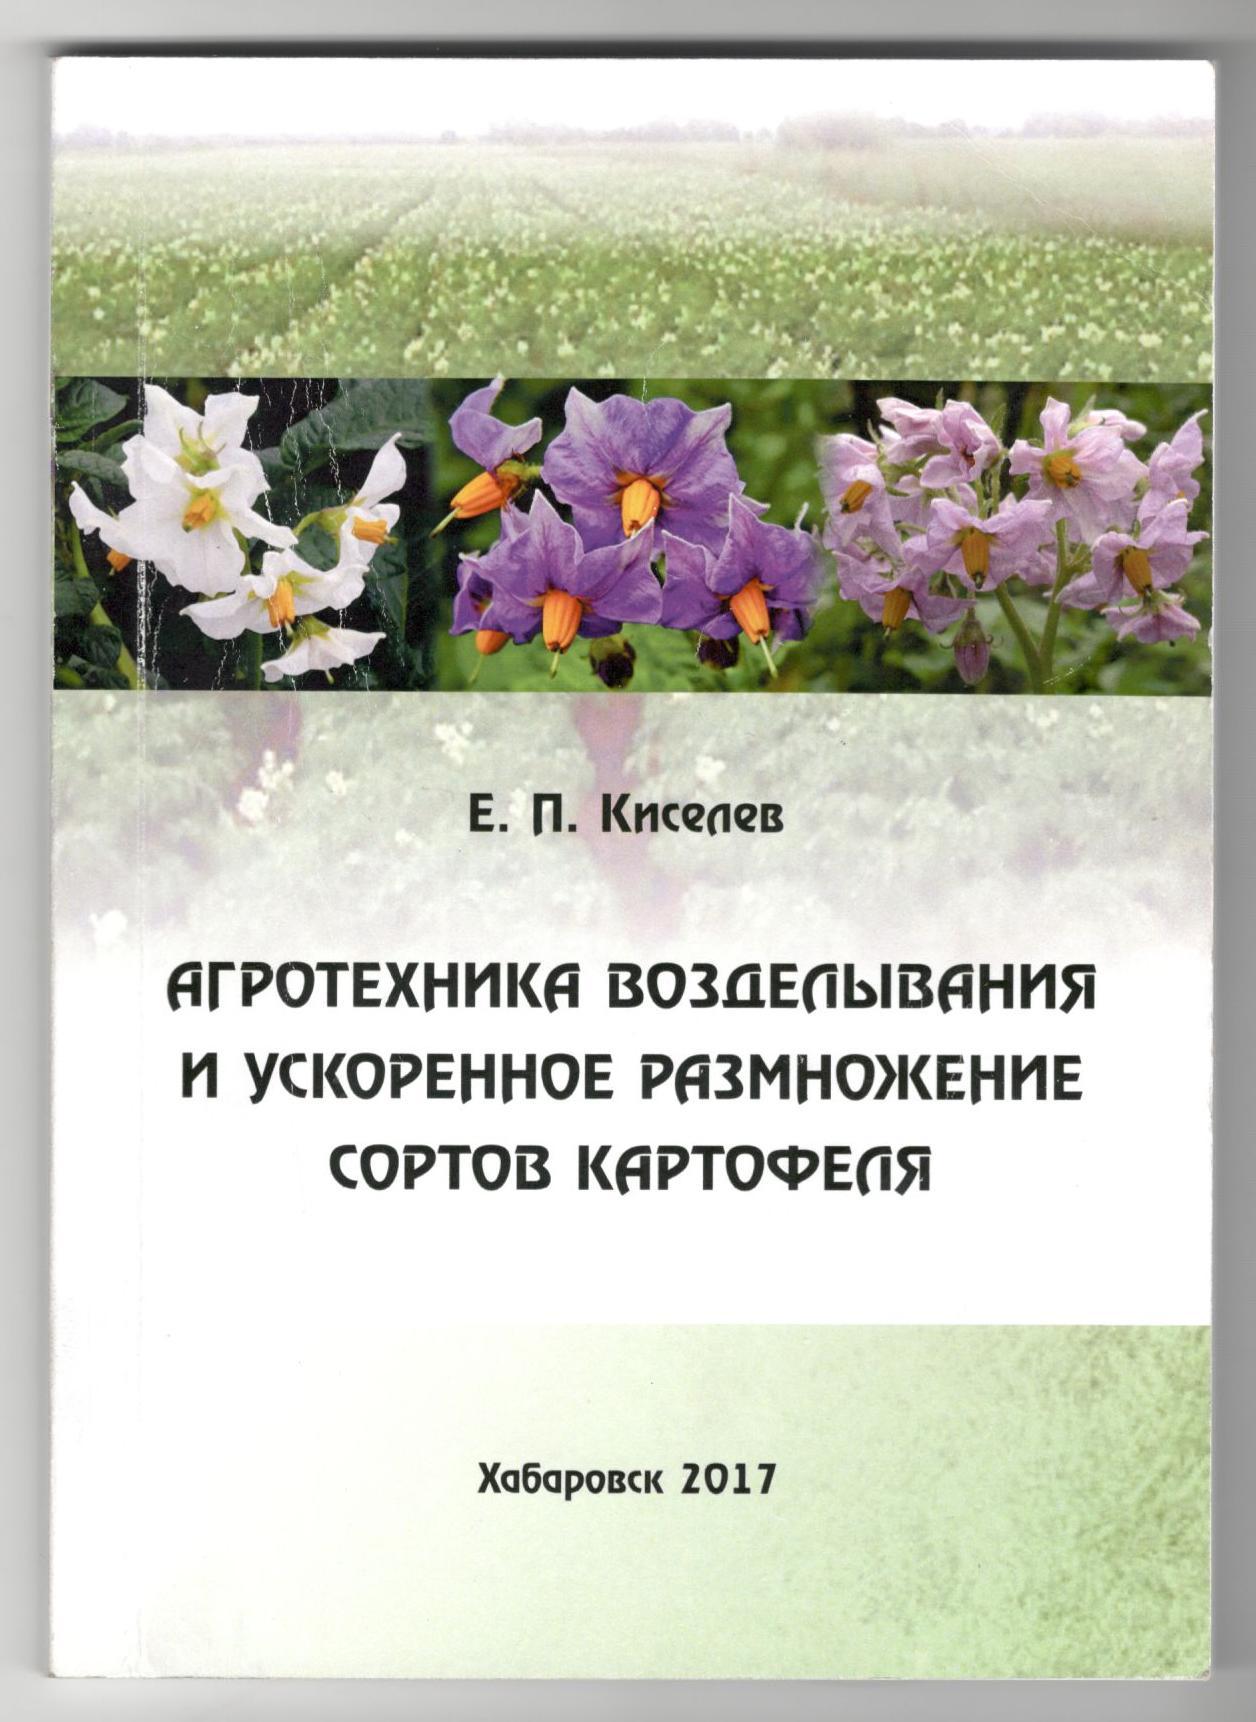 """Вышла в свет """"умная"""" книга овощевода-дальневосточника Евгения Киселева"""